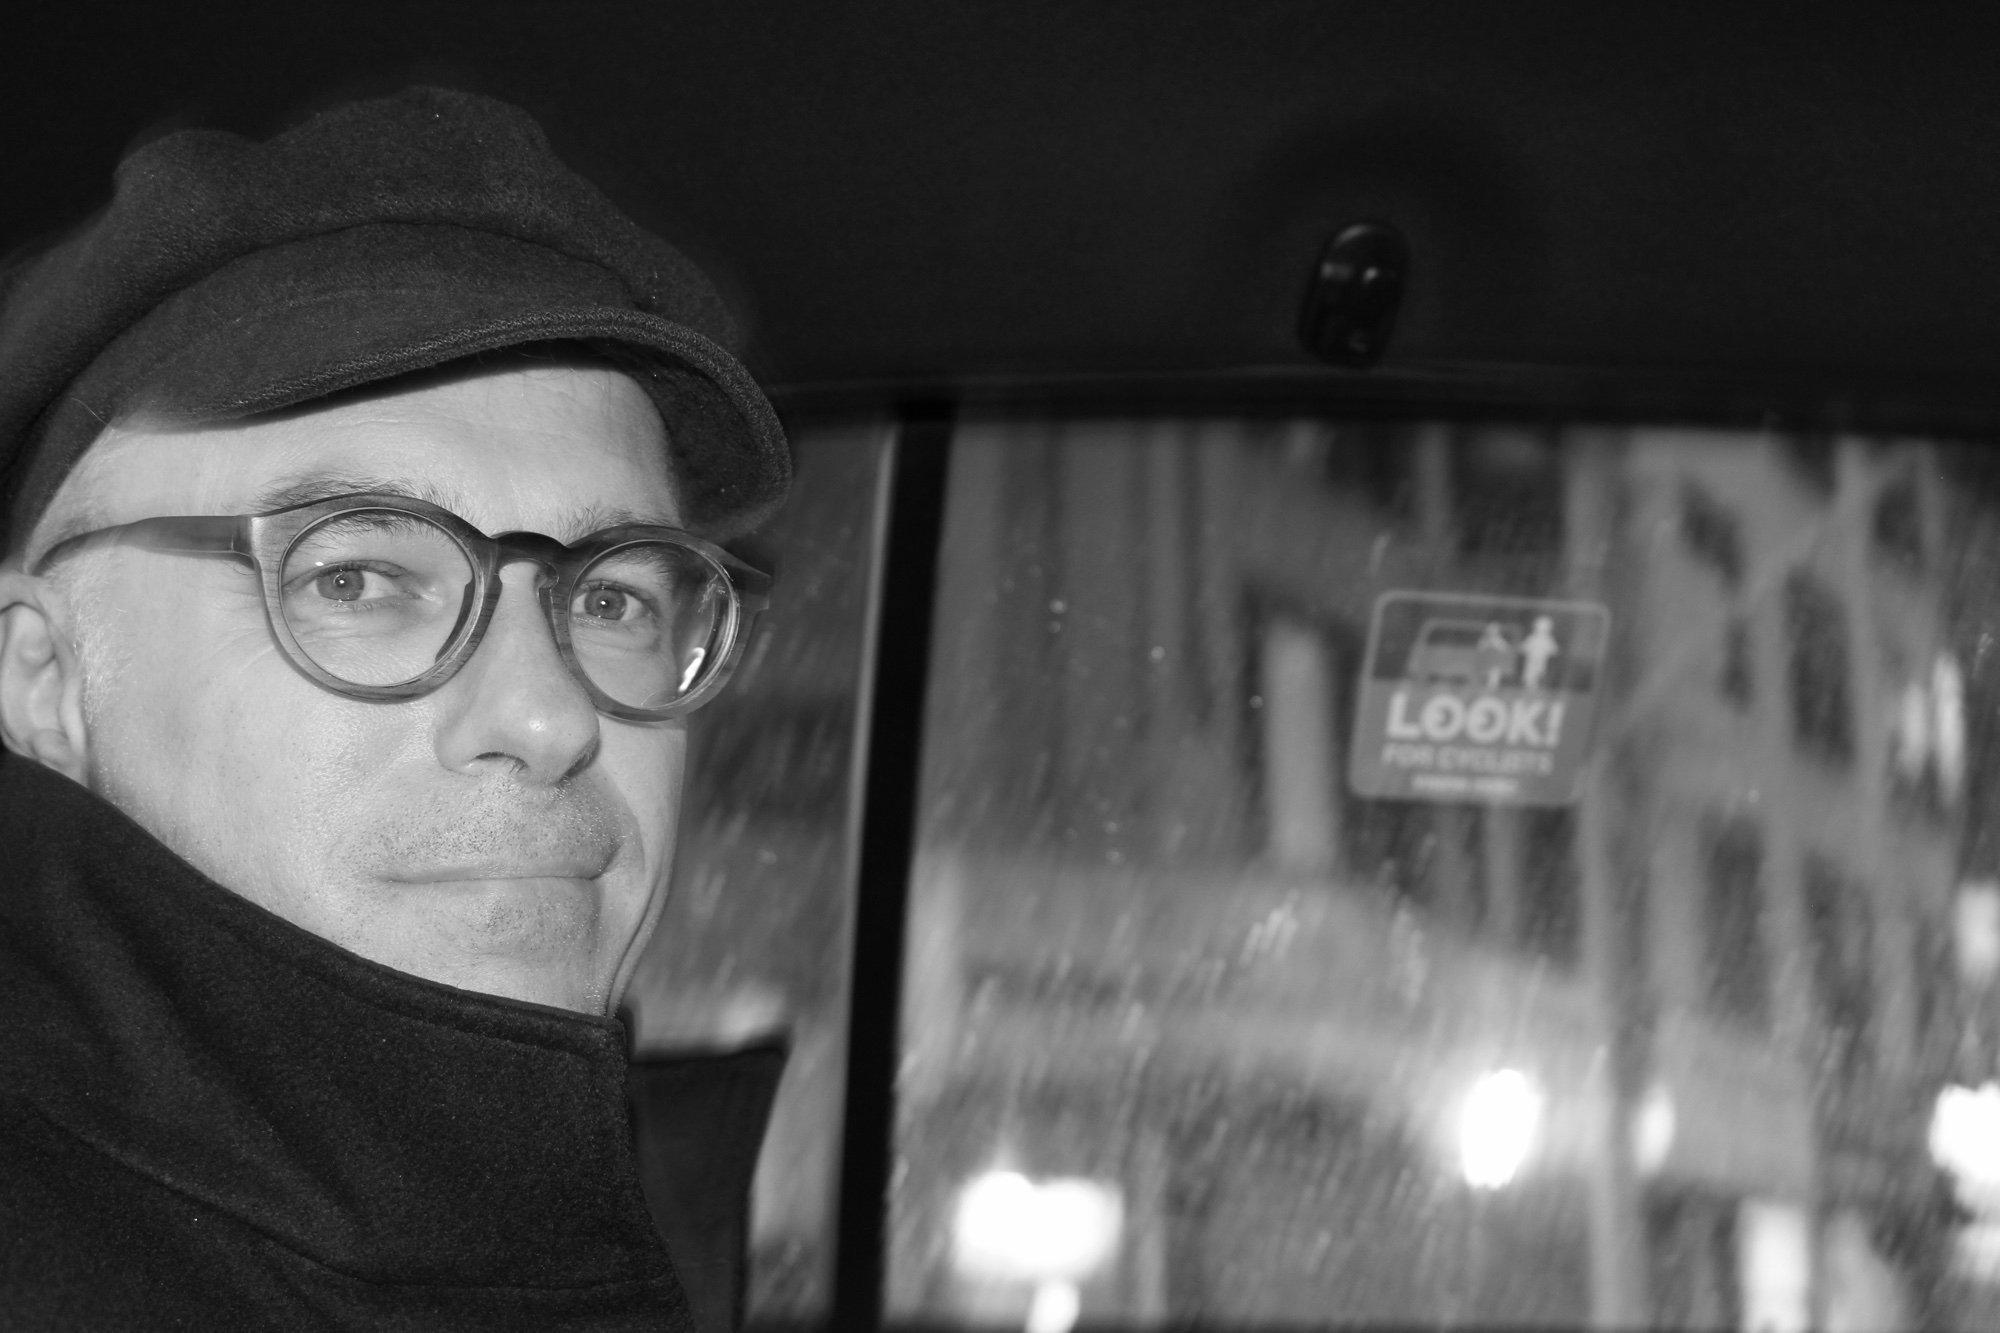 Schwarz-weiß Aufnahme von Andreas von Bubnoff. Er sitzt bei Regen in einem Auto und trägt eine Mütze, Brille und einen Mantel.